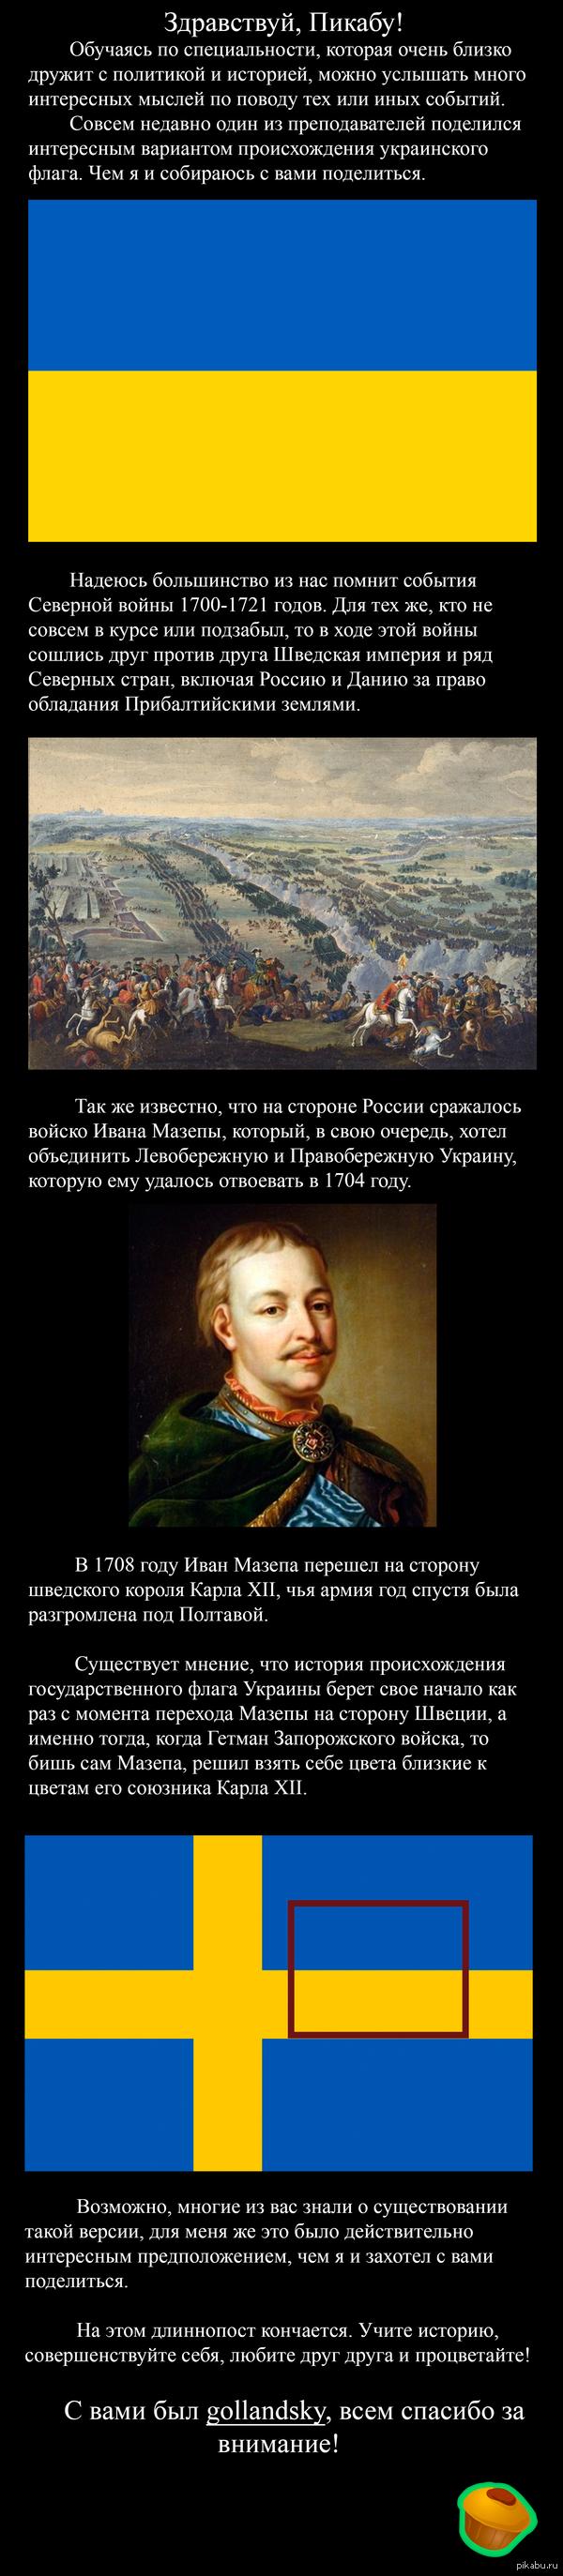 Происхождение украинского флага